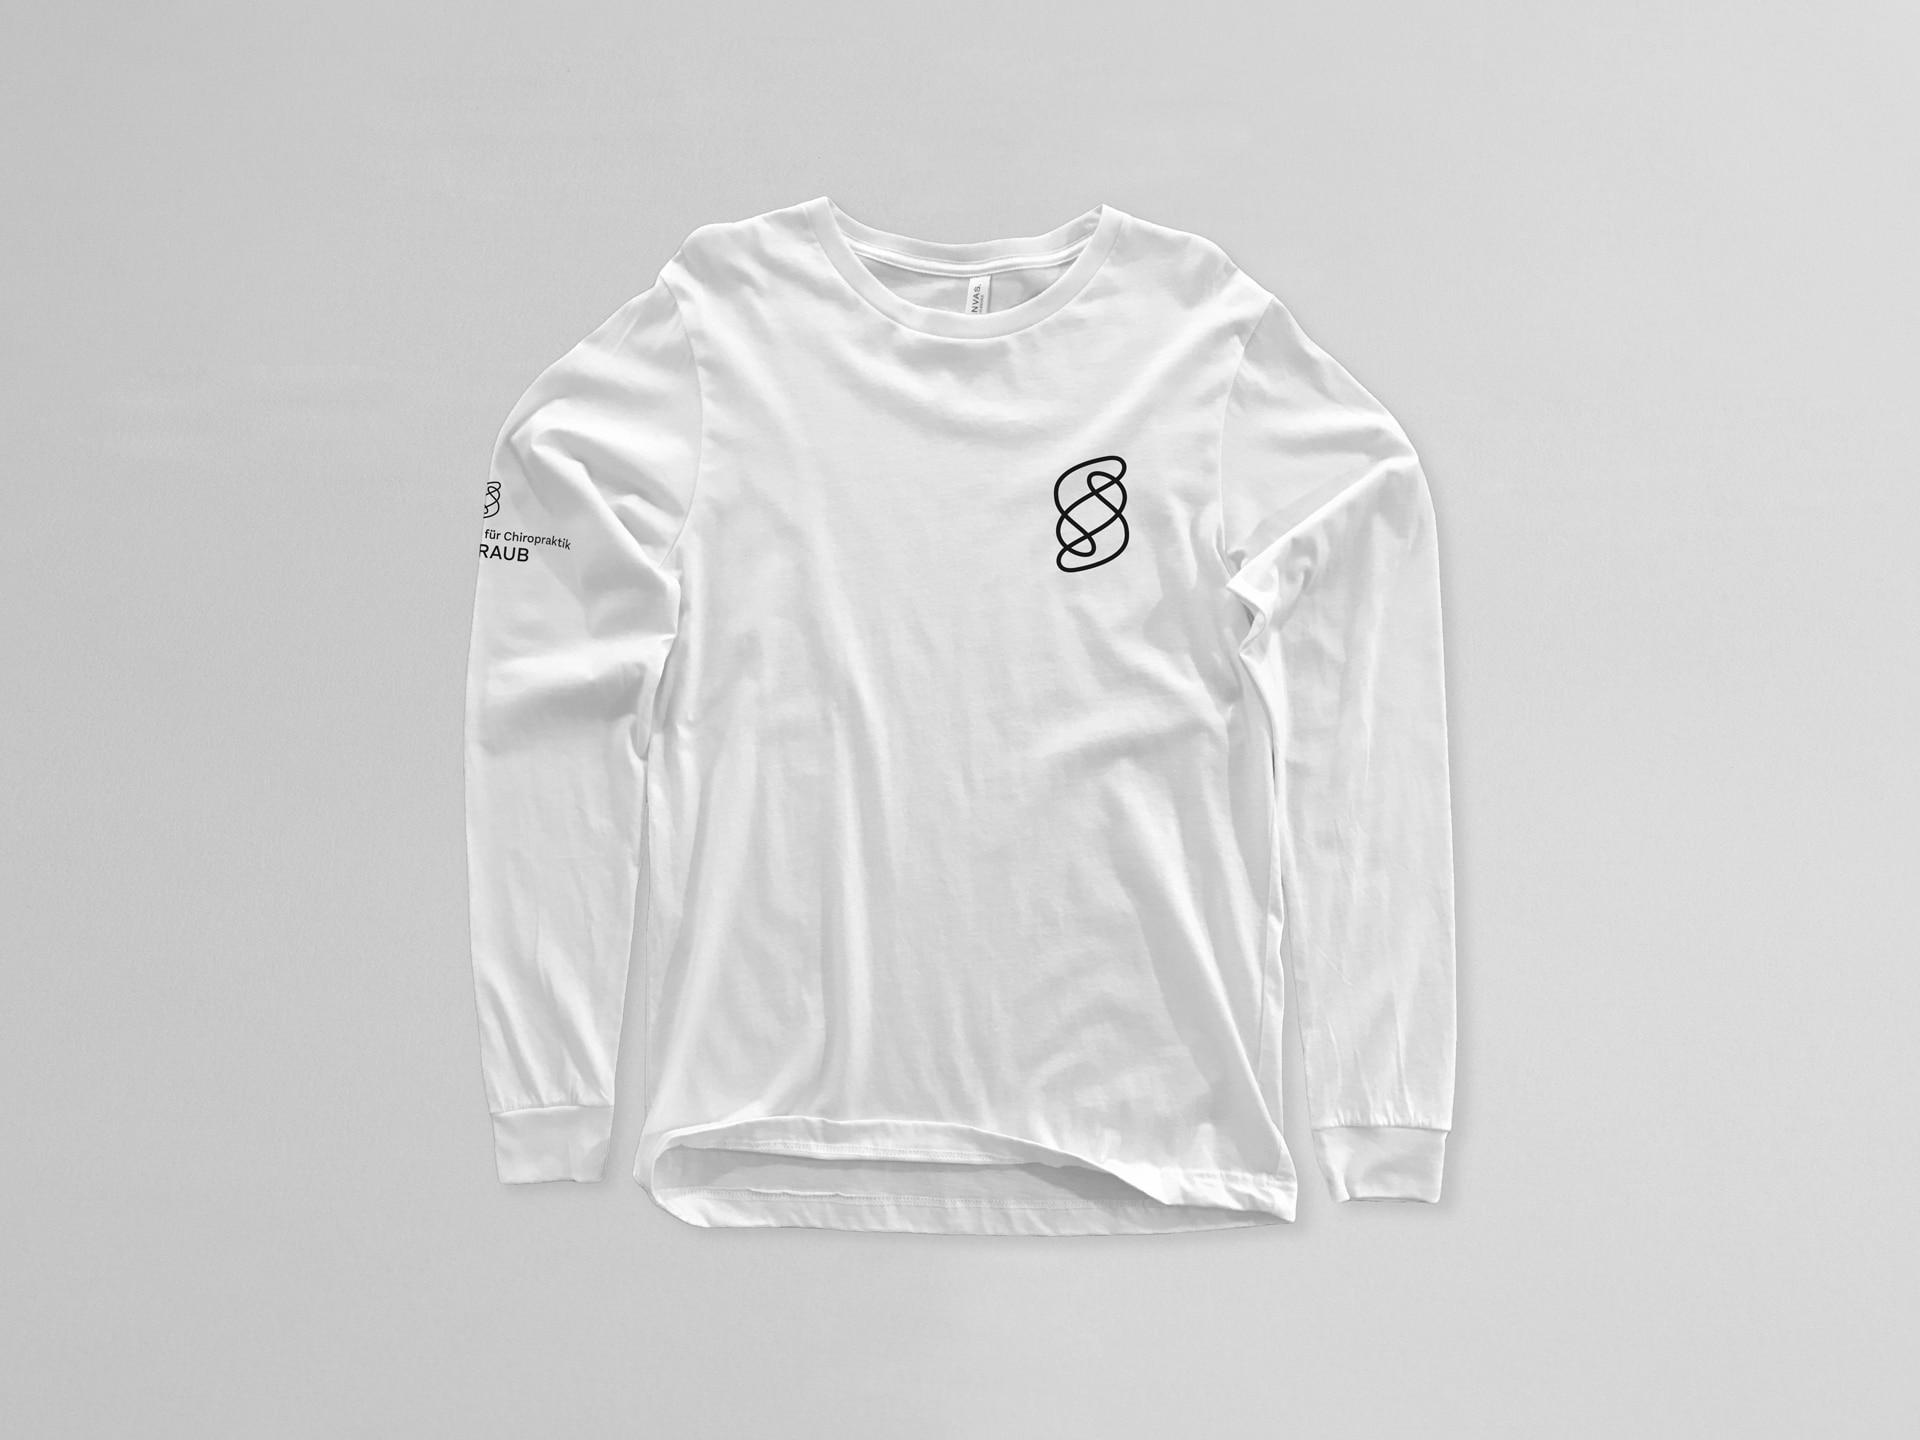 T-Shirt Berufsbekleidung Design Naturheilpraxis für Chiropraktik Schraub